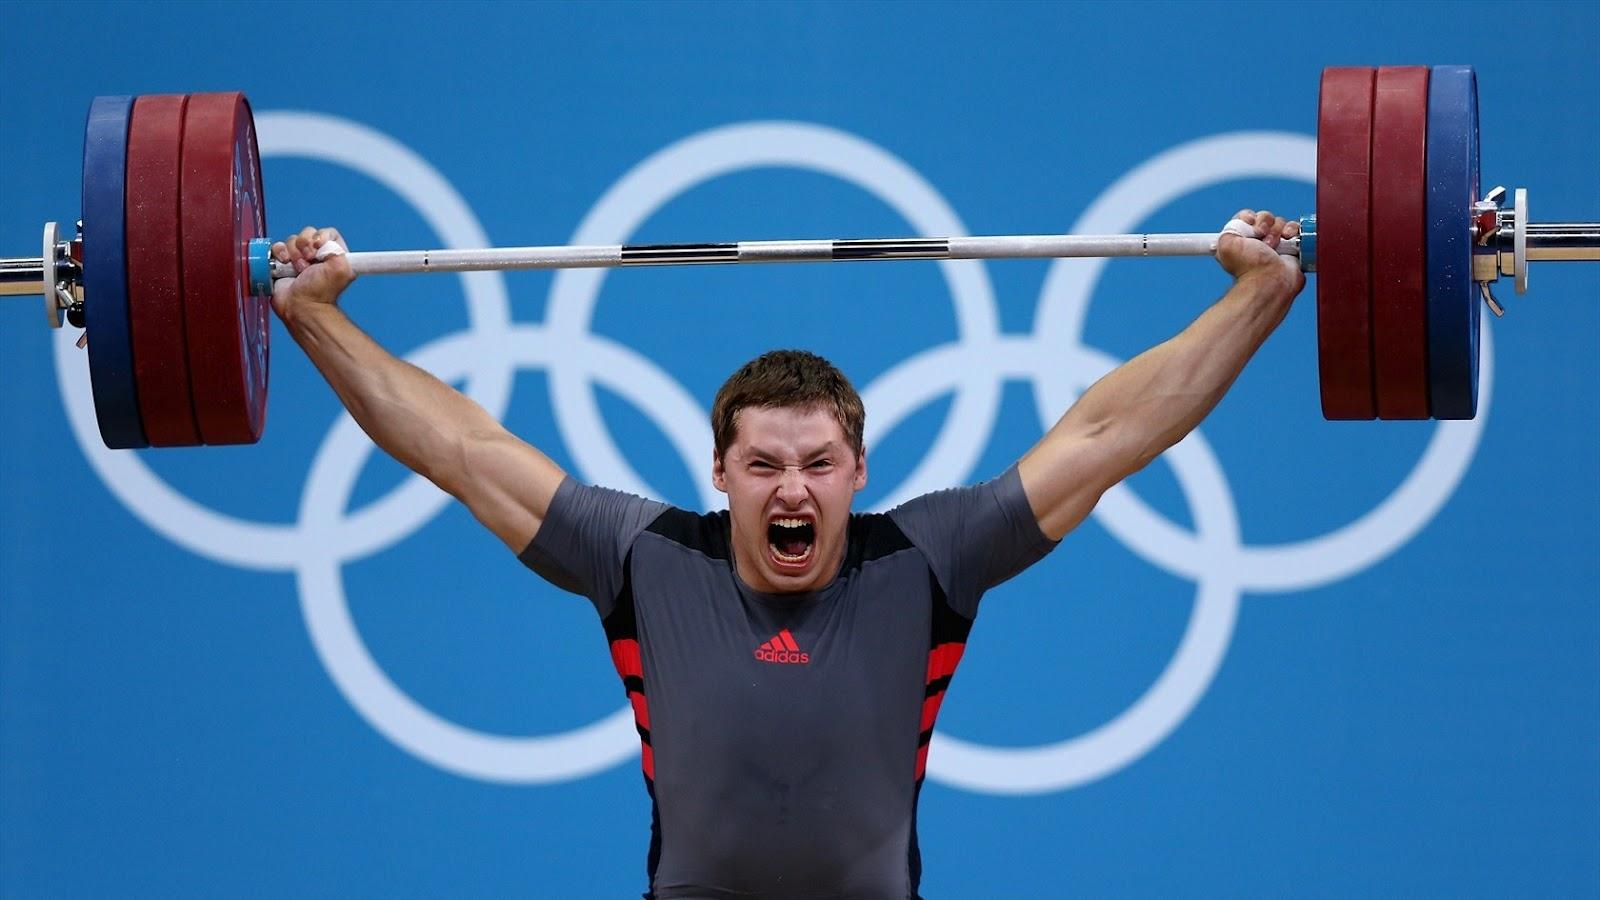 Изпълкомът на Международния олимпийски комитет (МОК) взе решение да остави